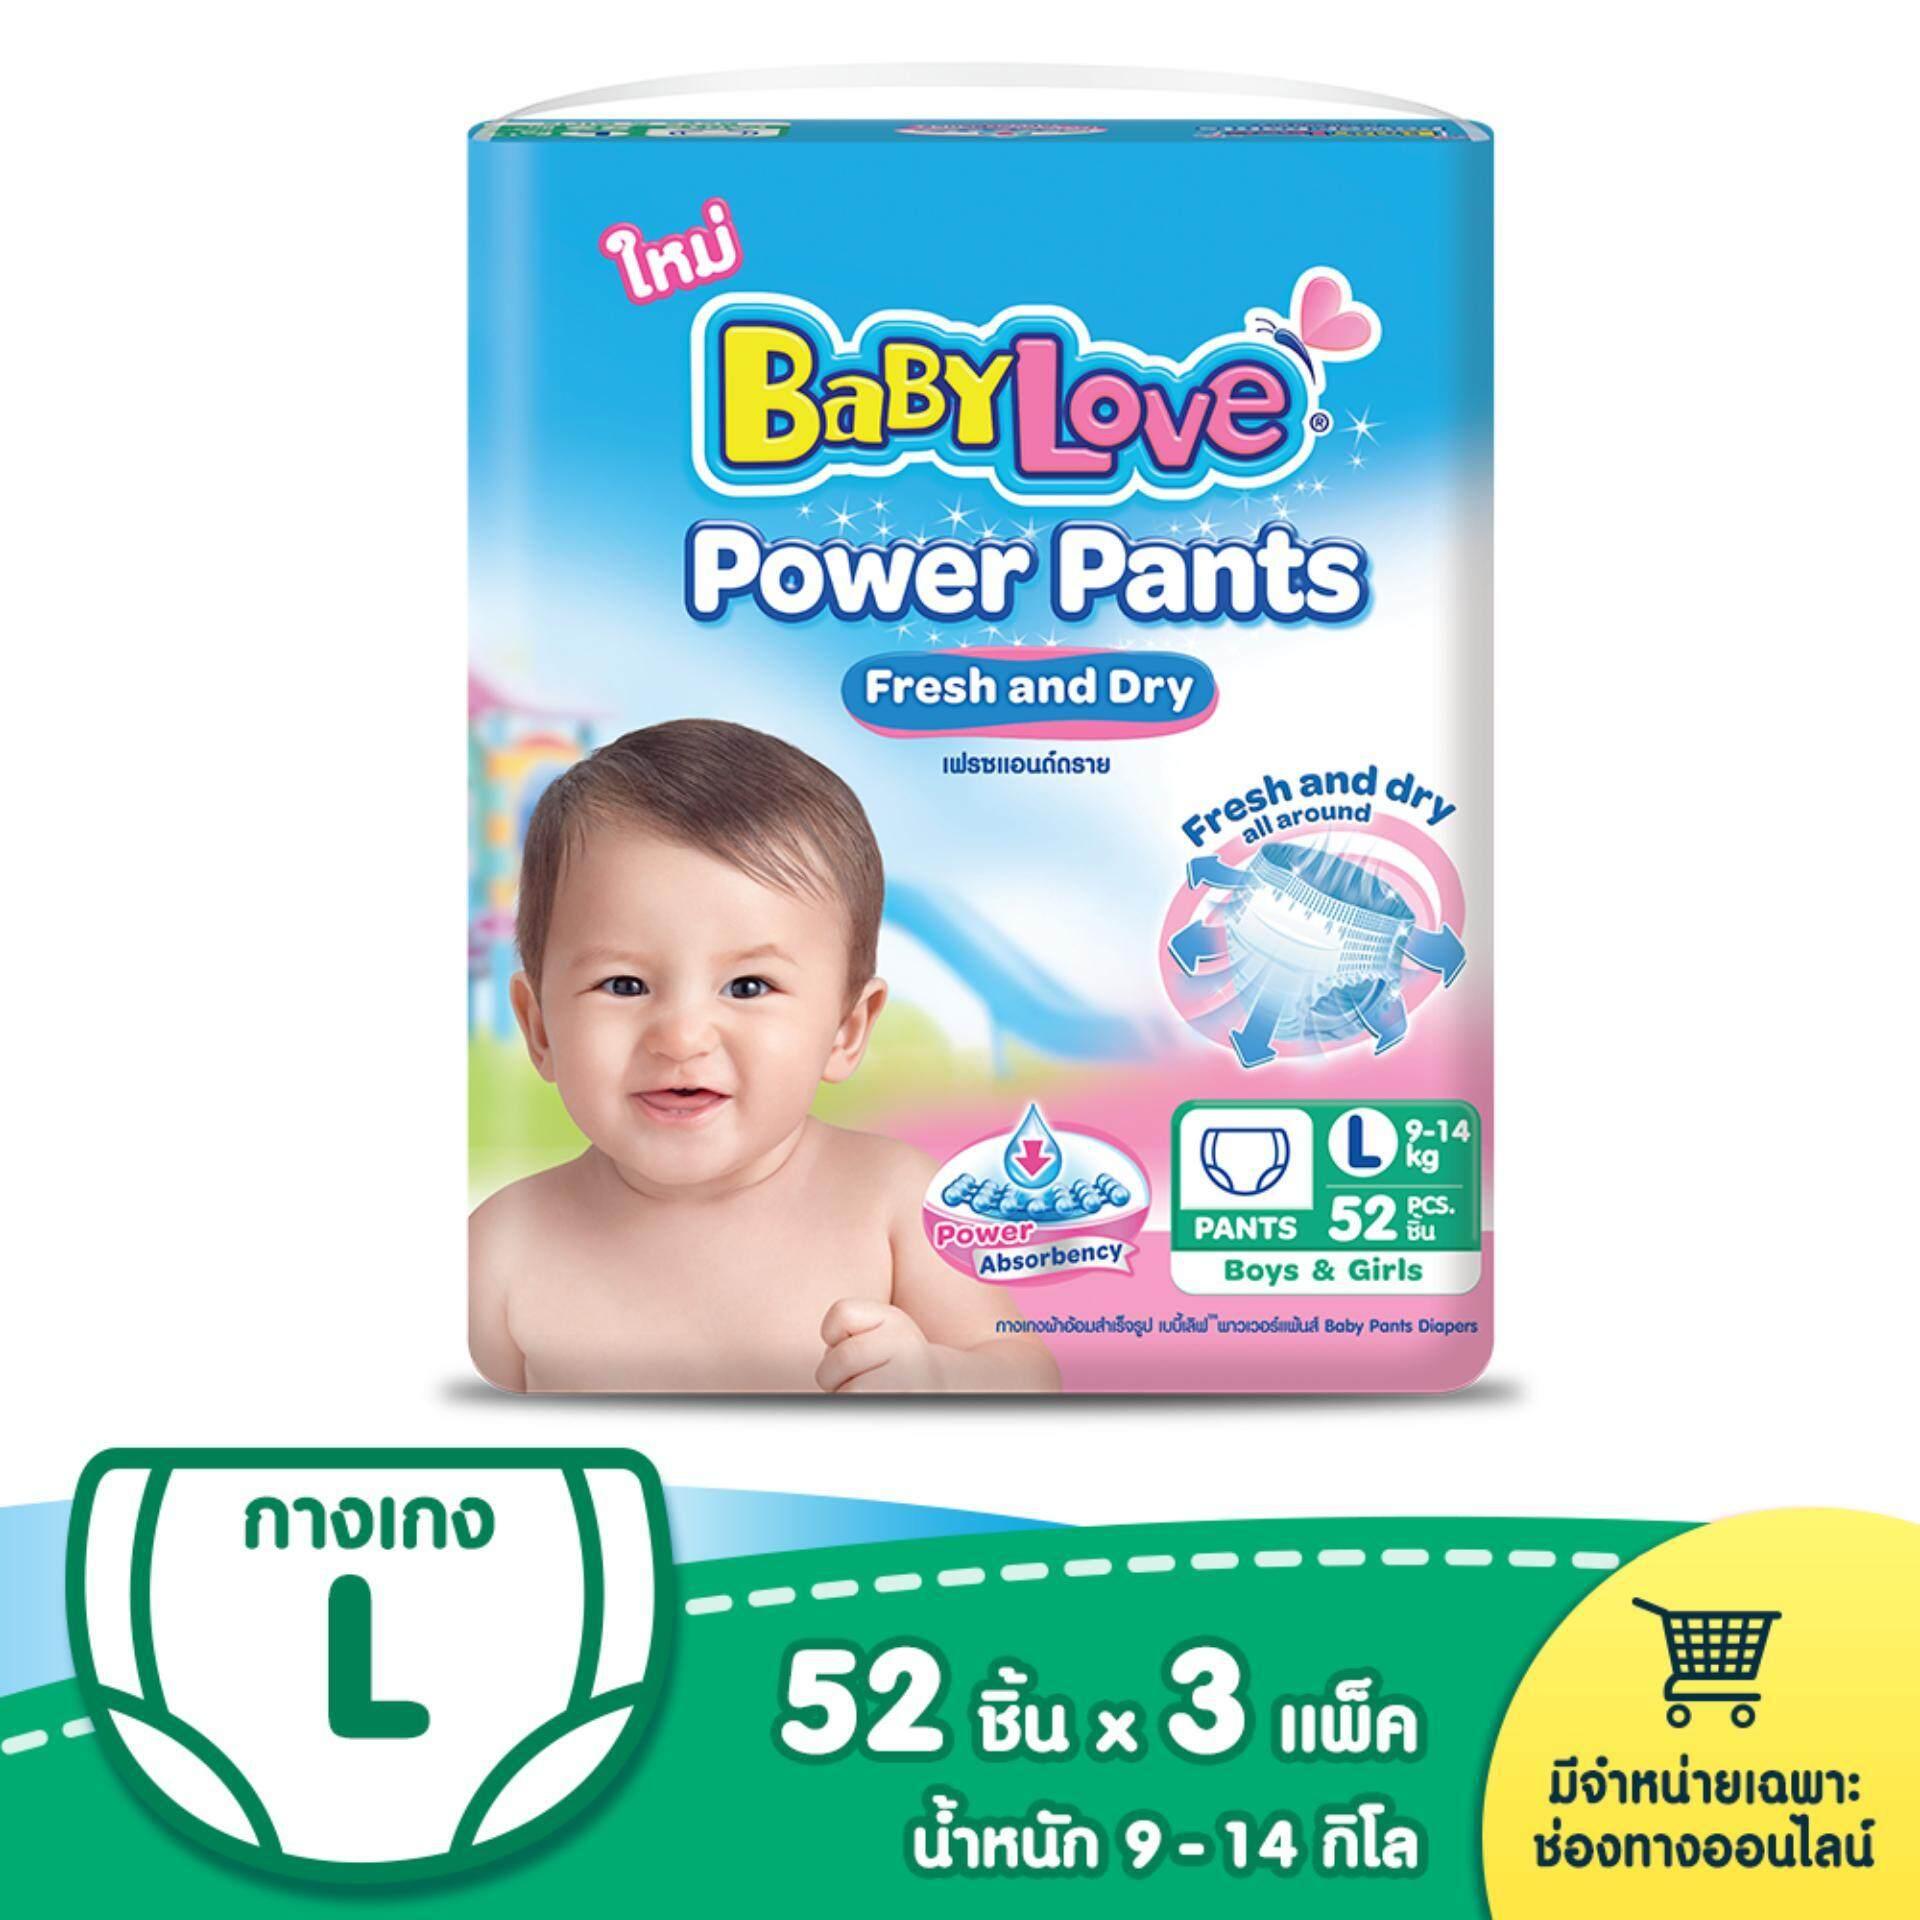 รีวิว BabyLove เบบี้เลิฟ รุ่น Power Pants พาวเวอร์ แพ้นส์ เฟรช แอนด์ ดราย กางเกงผ้าอ้อมสำเร็จรูป ** SIZE L ** สินค้ายกลังราคาถูก (3แพ้ค) **